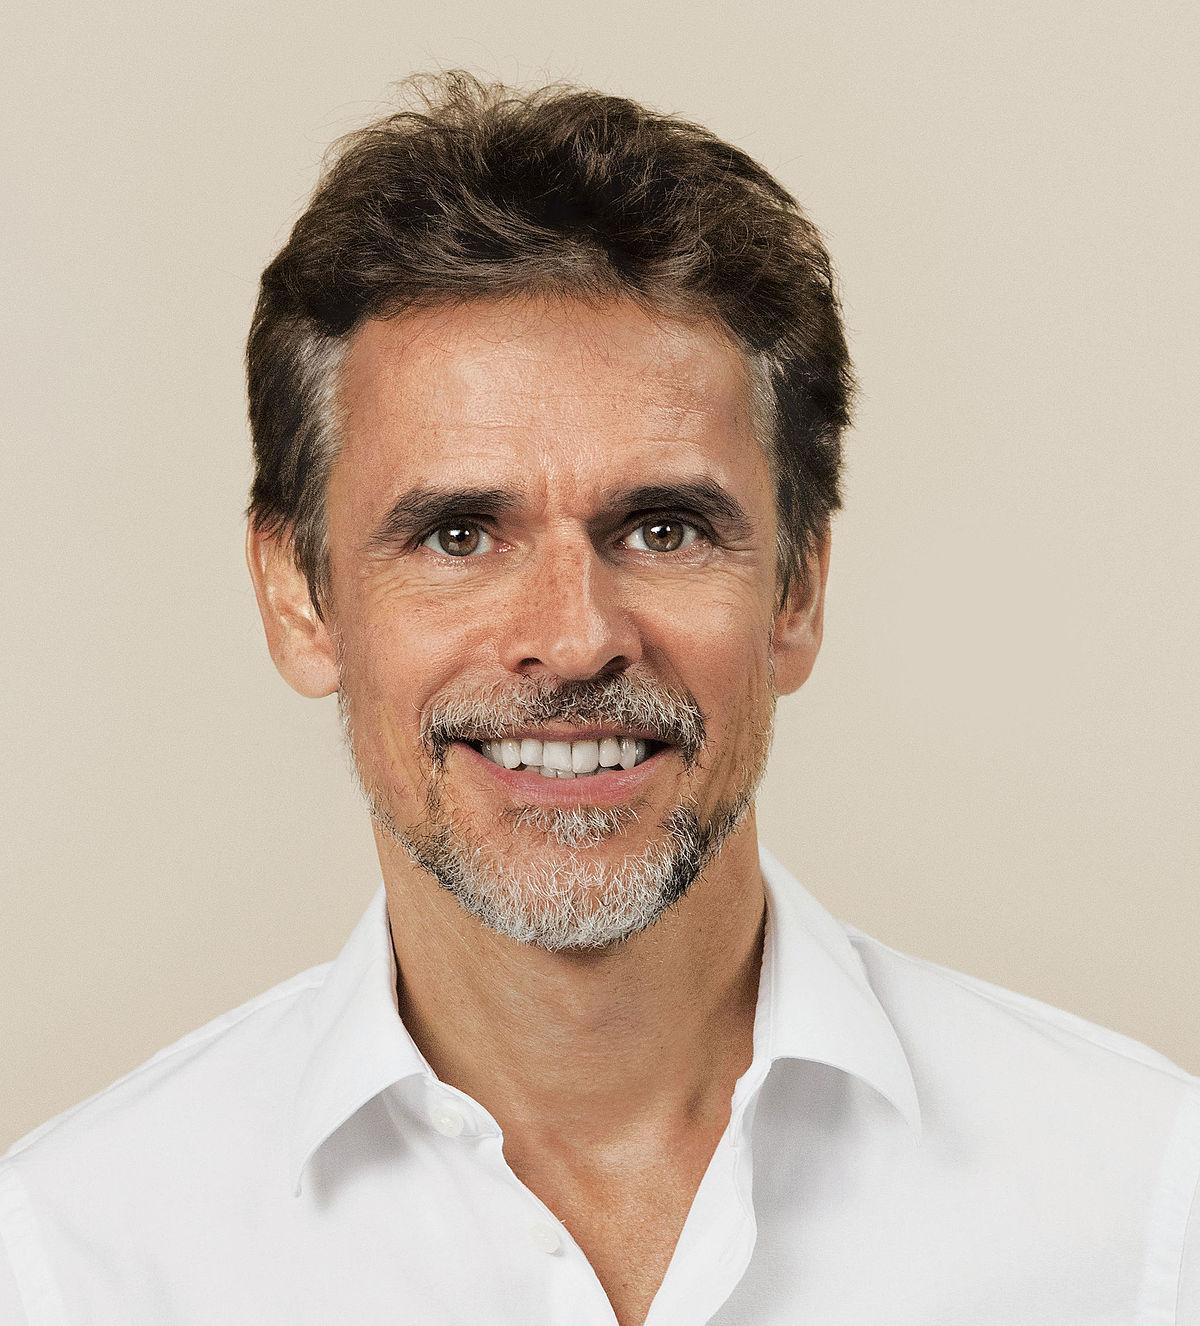 Thomas Brezina La Enciclopedia Libre